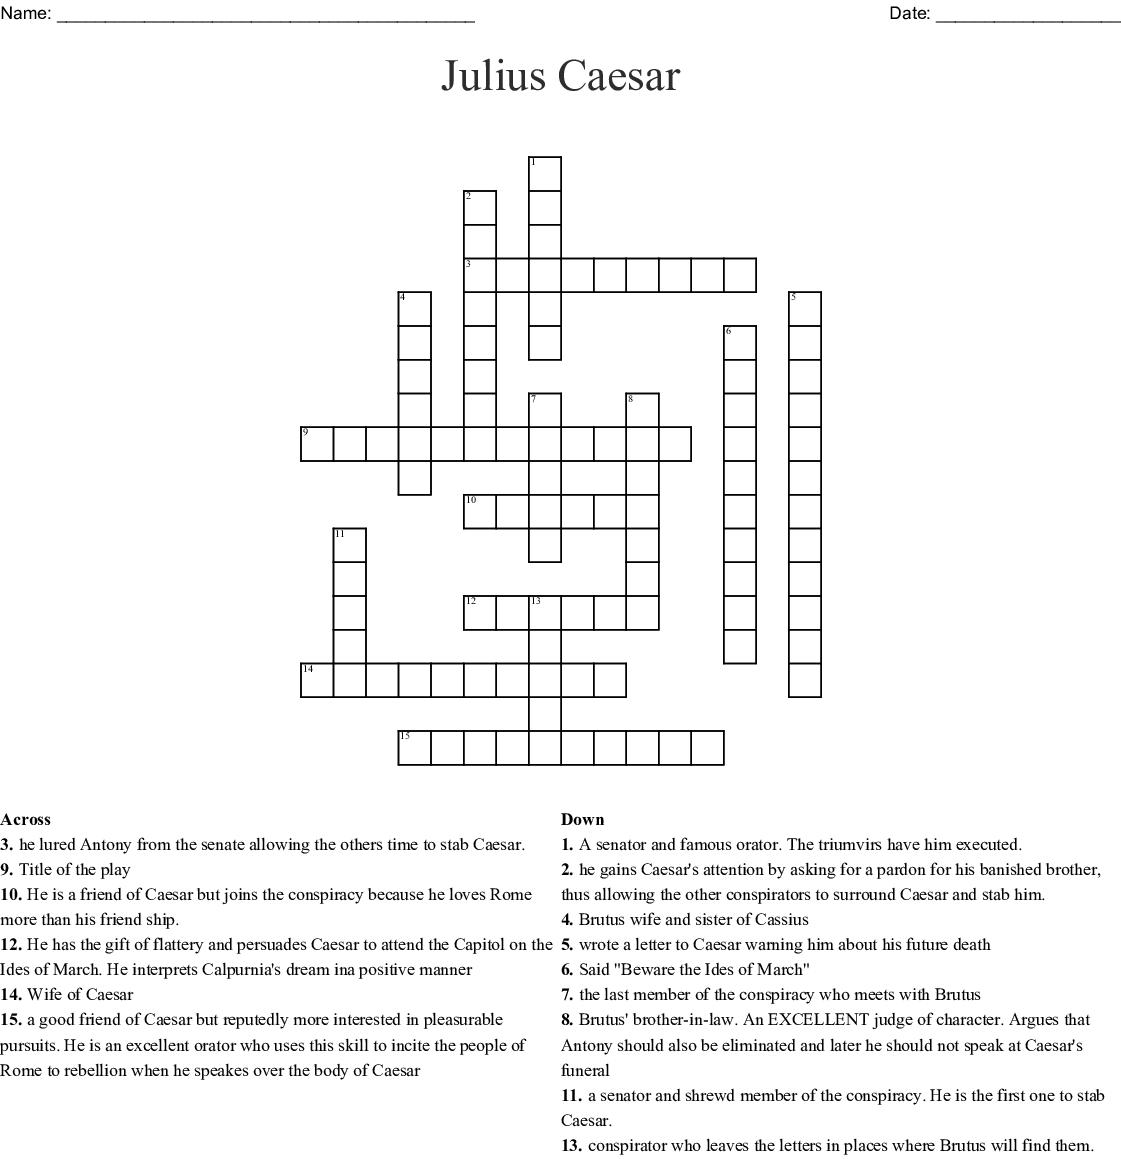 Julius Caesar Acts 1 5 Crossword